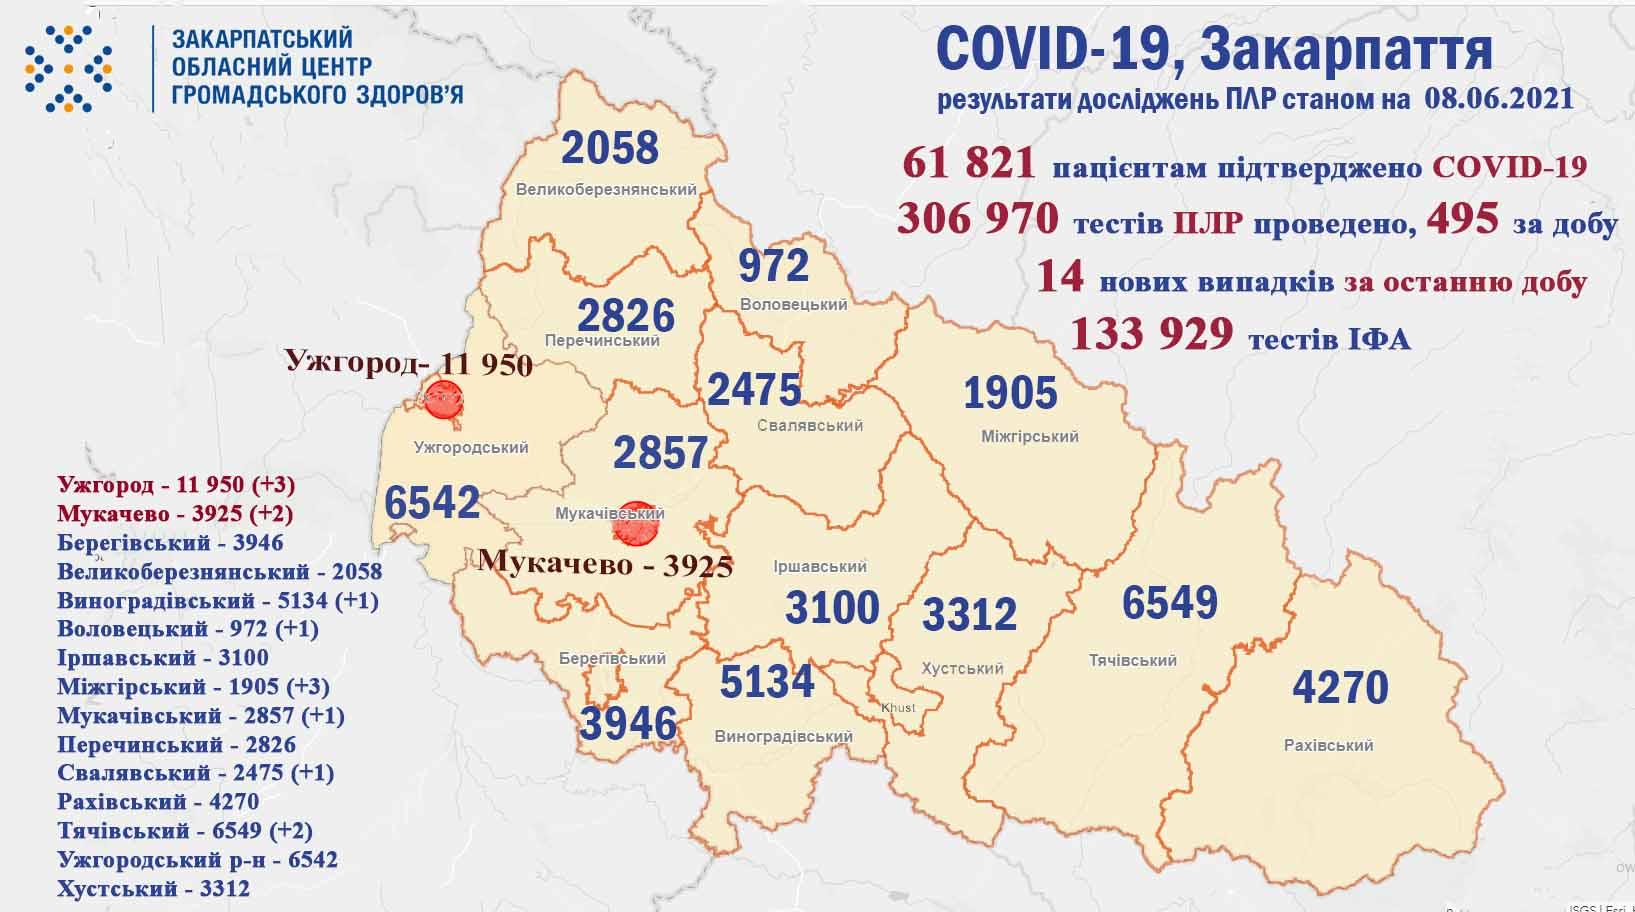 Оприлюднено оновлену статистику по коронавірусу в Закарпатті